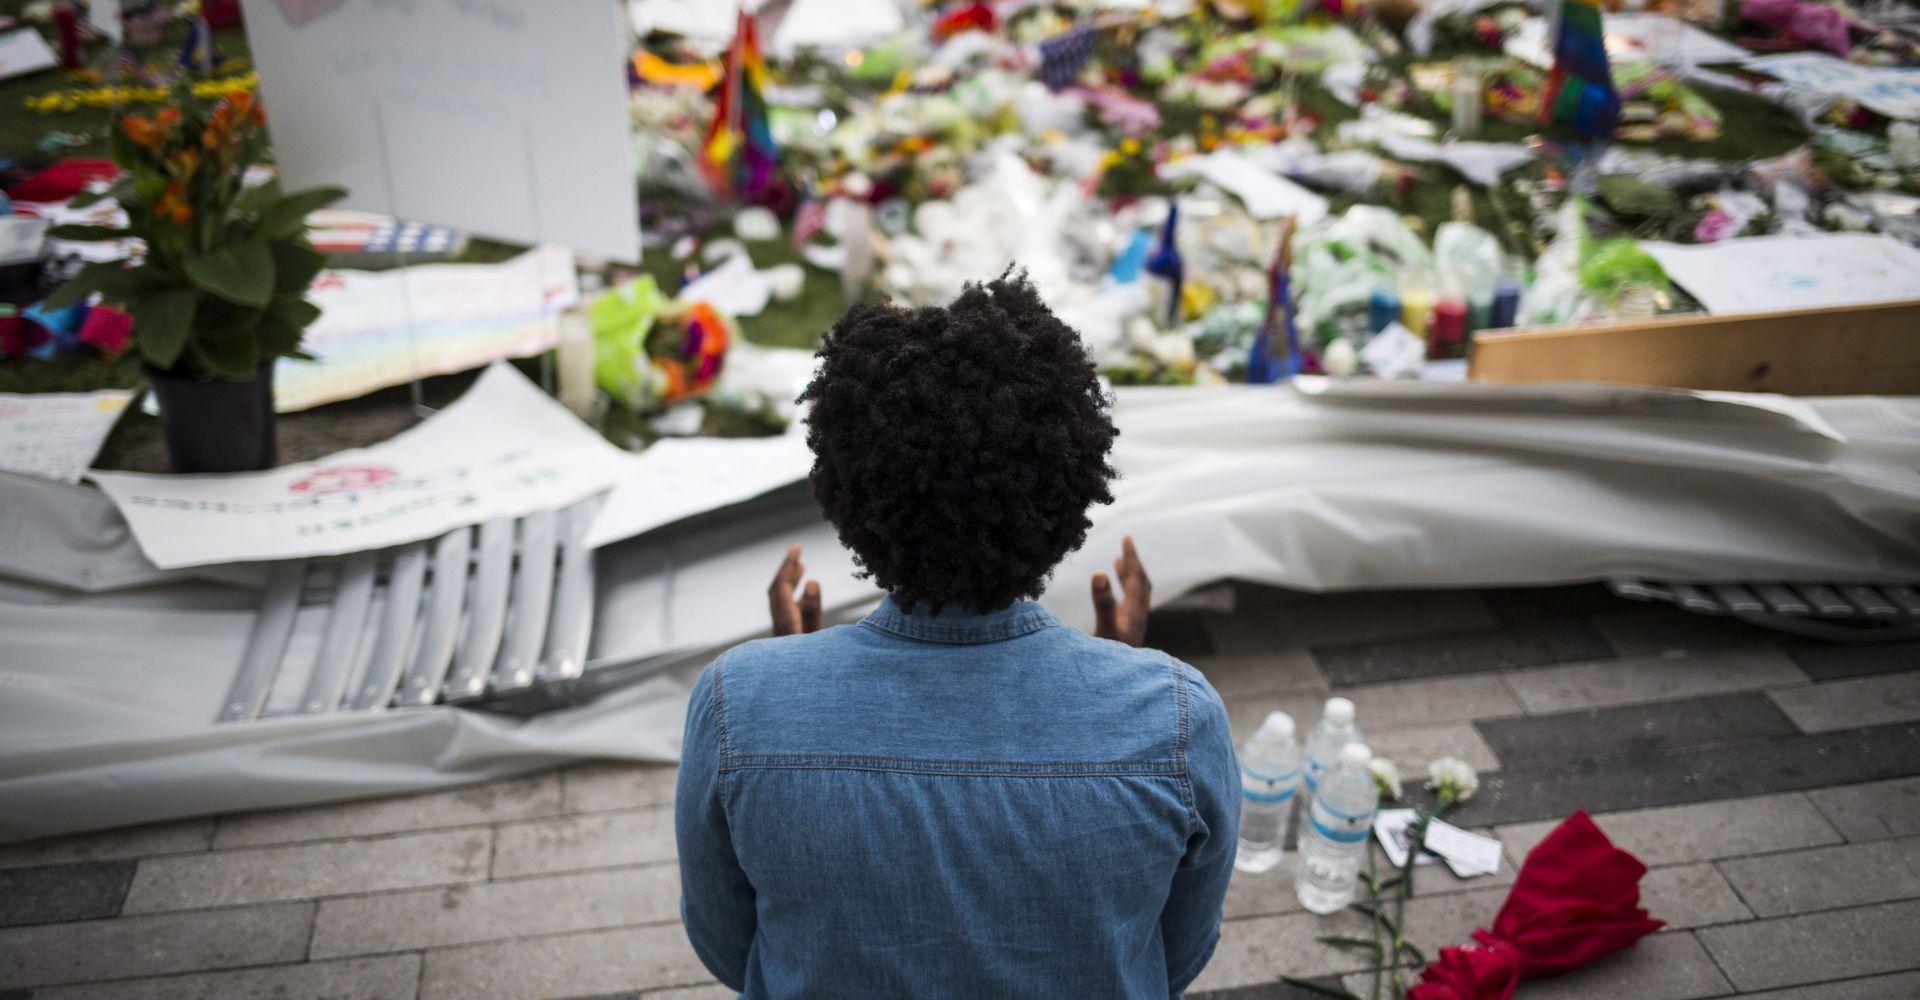 NAKON STRAŠNOG POKOLJA Amerika neće tolerirati prijetnje protiv muslimana